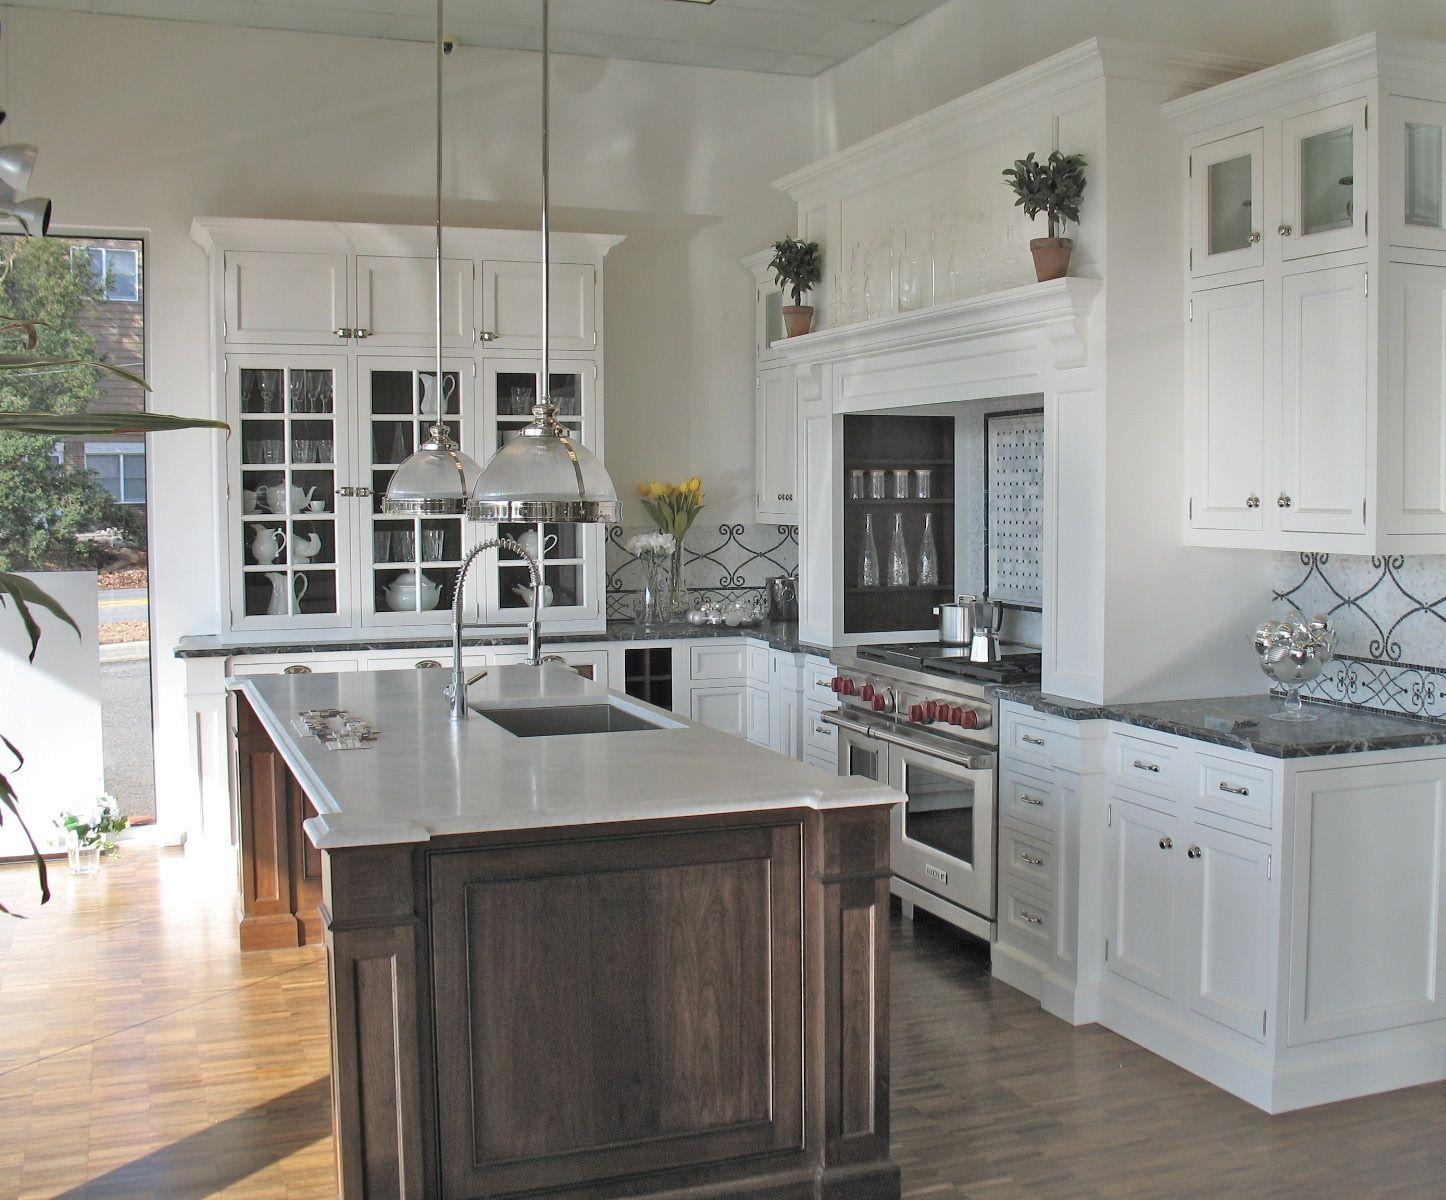 Modern & Traditional Kitchen Design Ideas